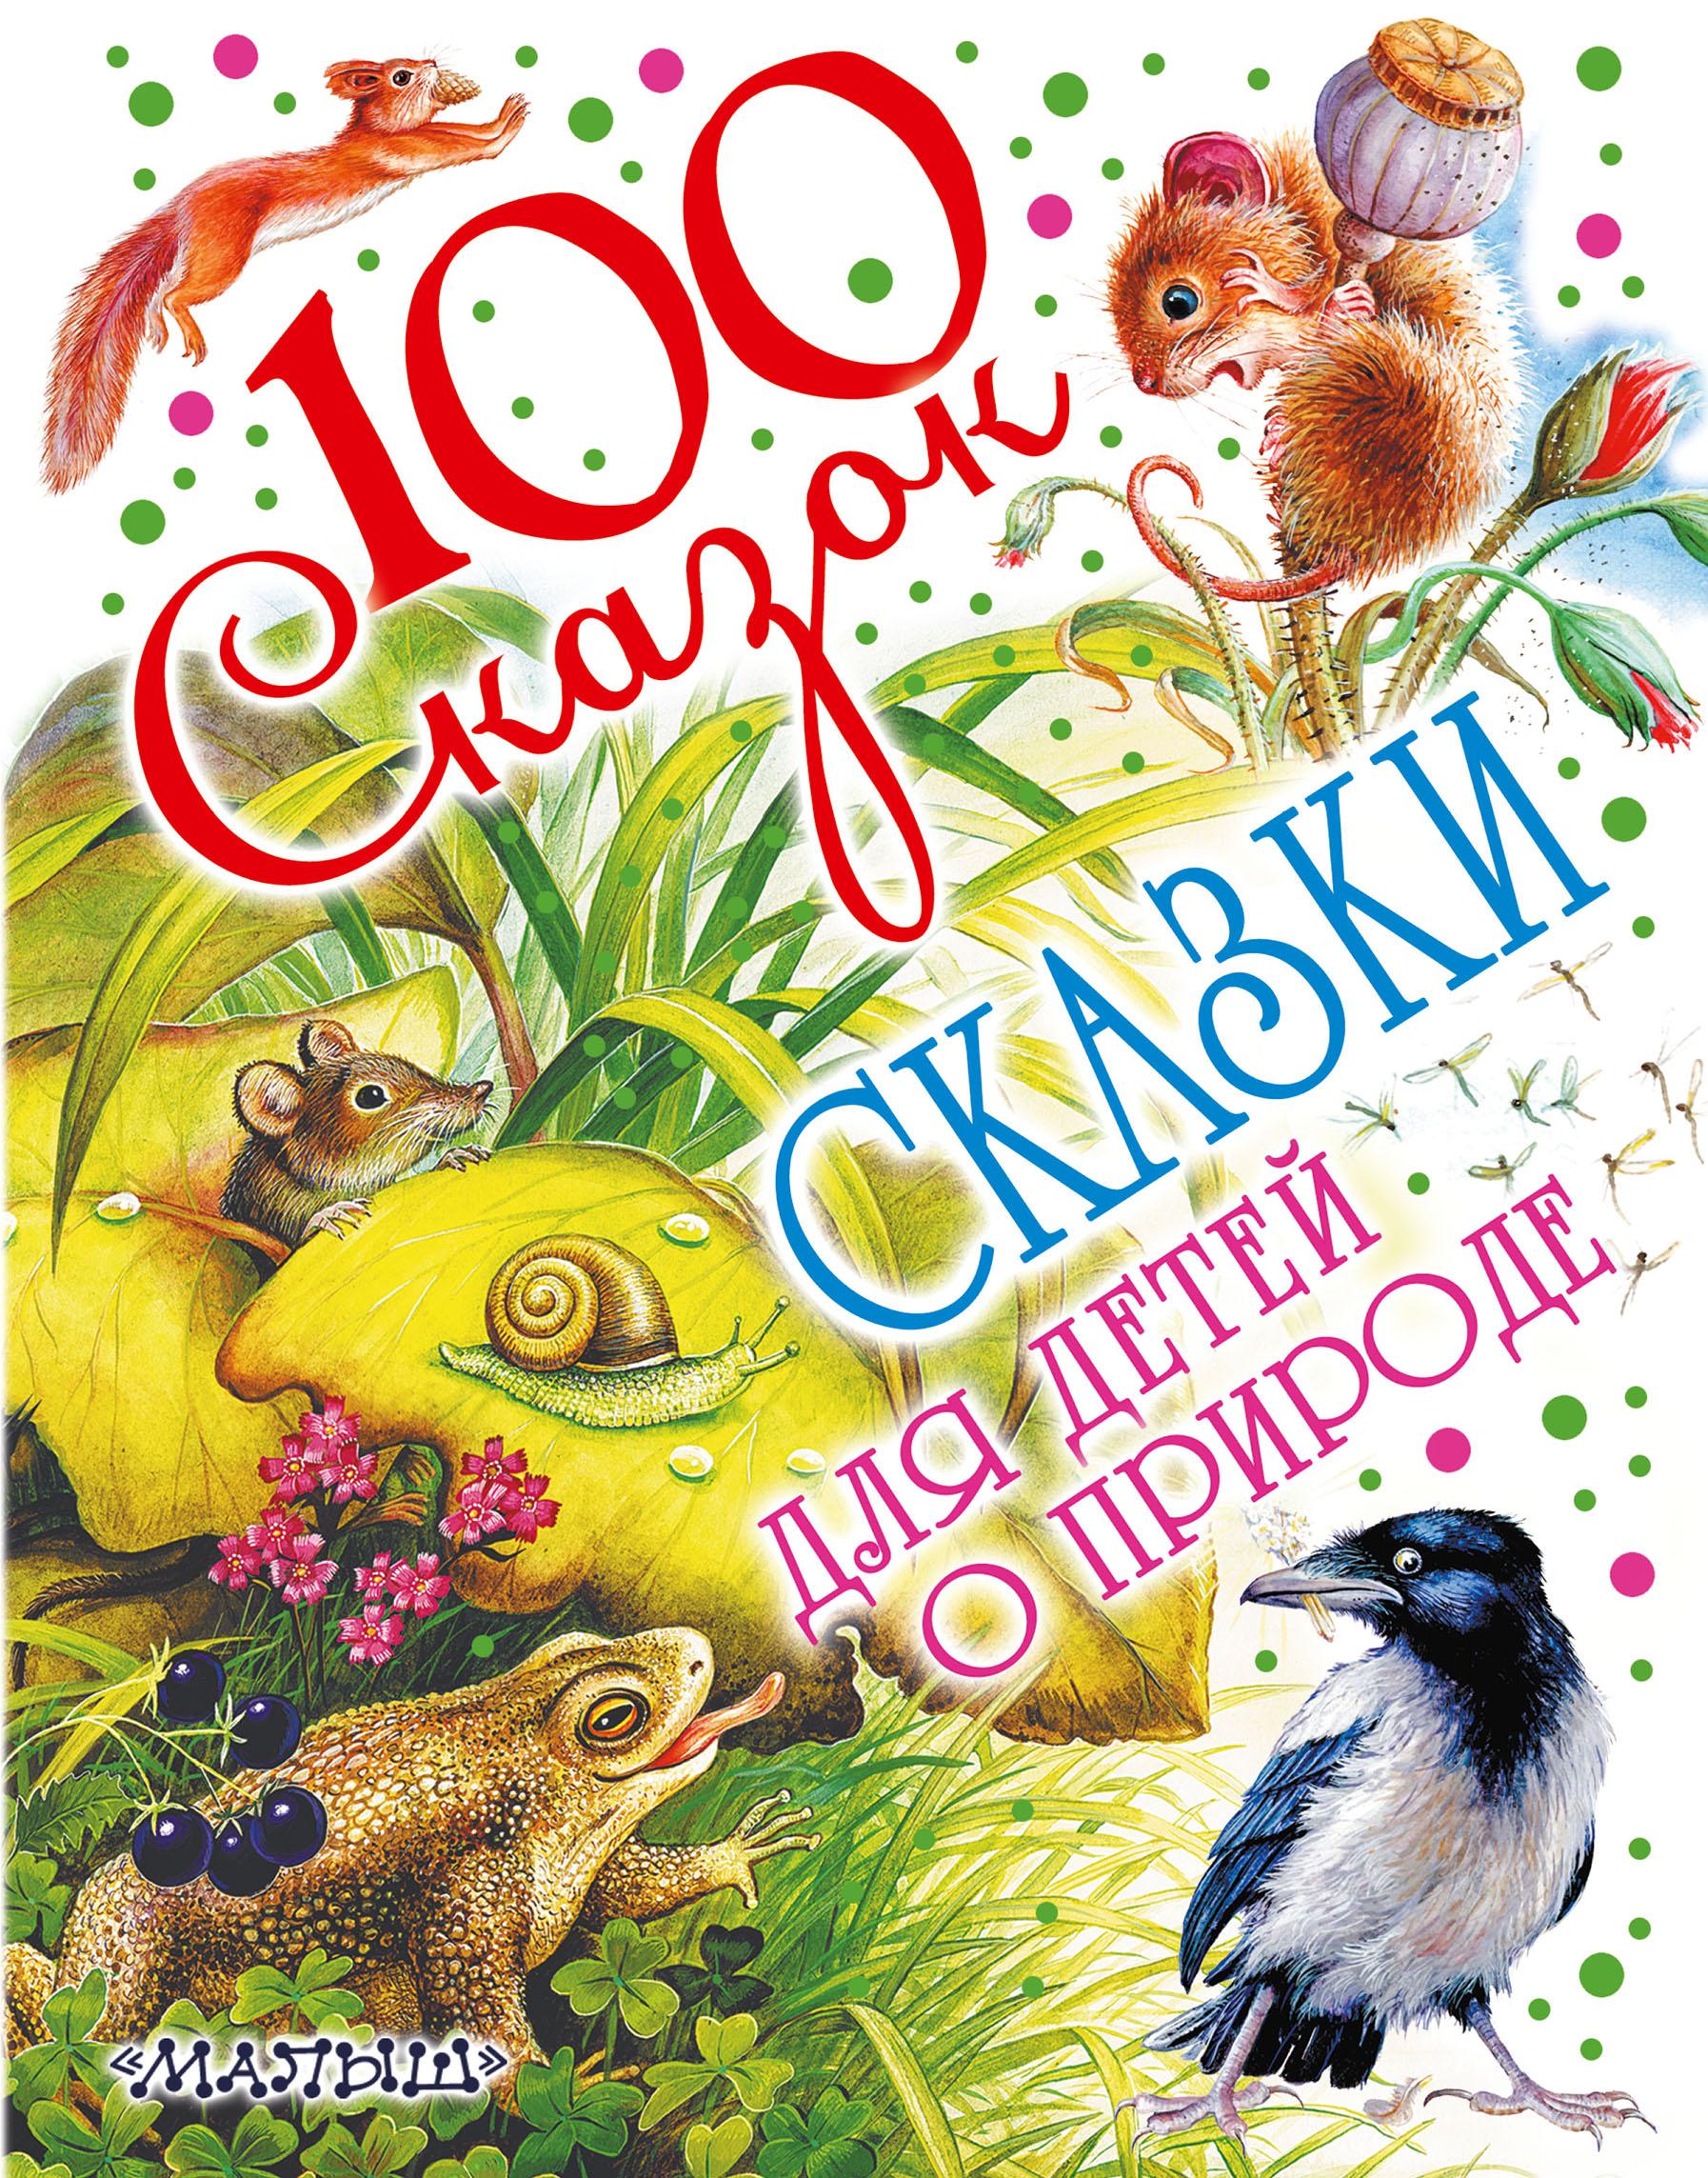 Виталий Бианки, Михаил Пришвин, Константин Паустовский Сказки для детей о природе фату хива возврат к природе